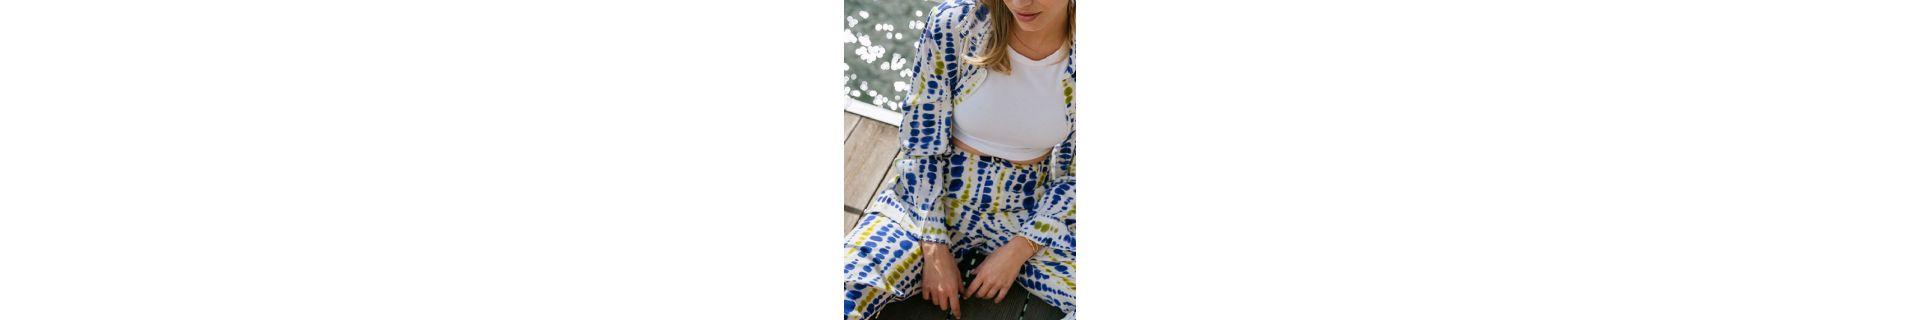 Nouvelle collection Printemps/Été 2021 - Prêt-à-porter femmes